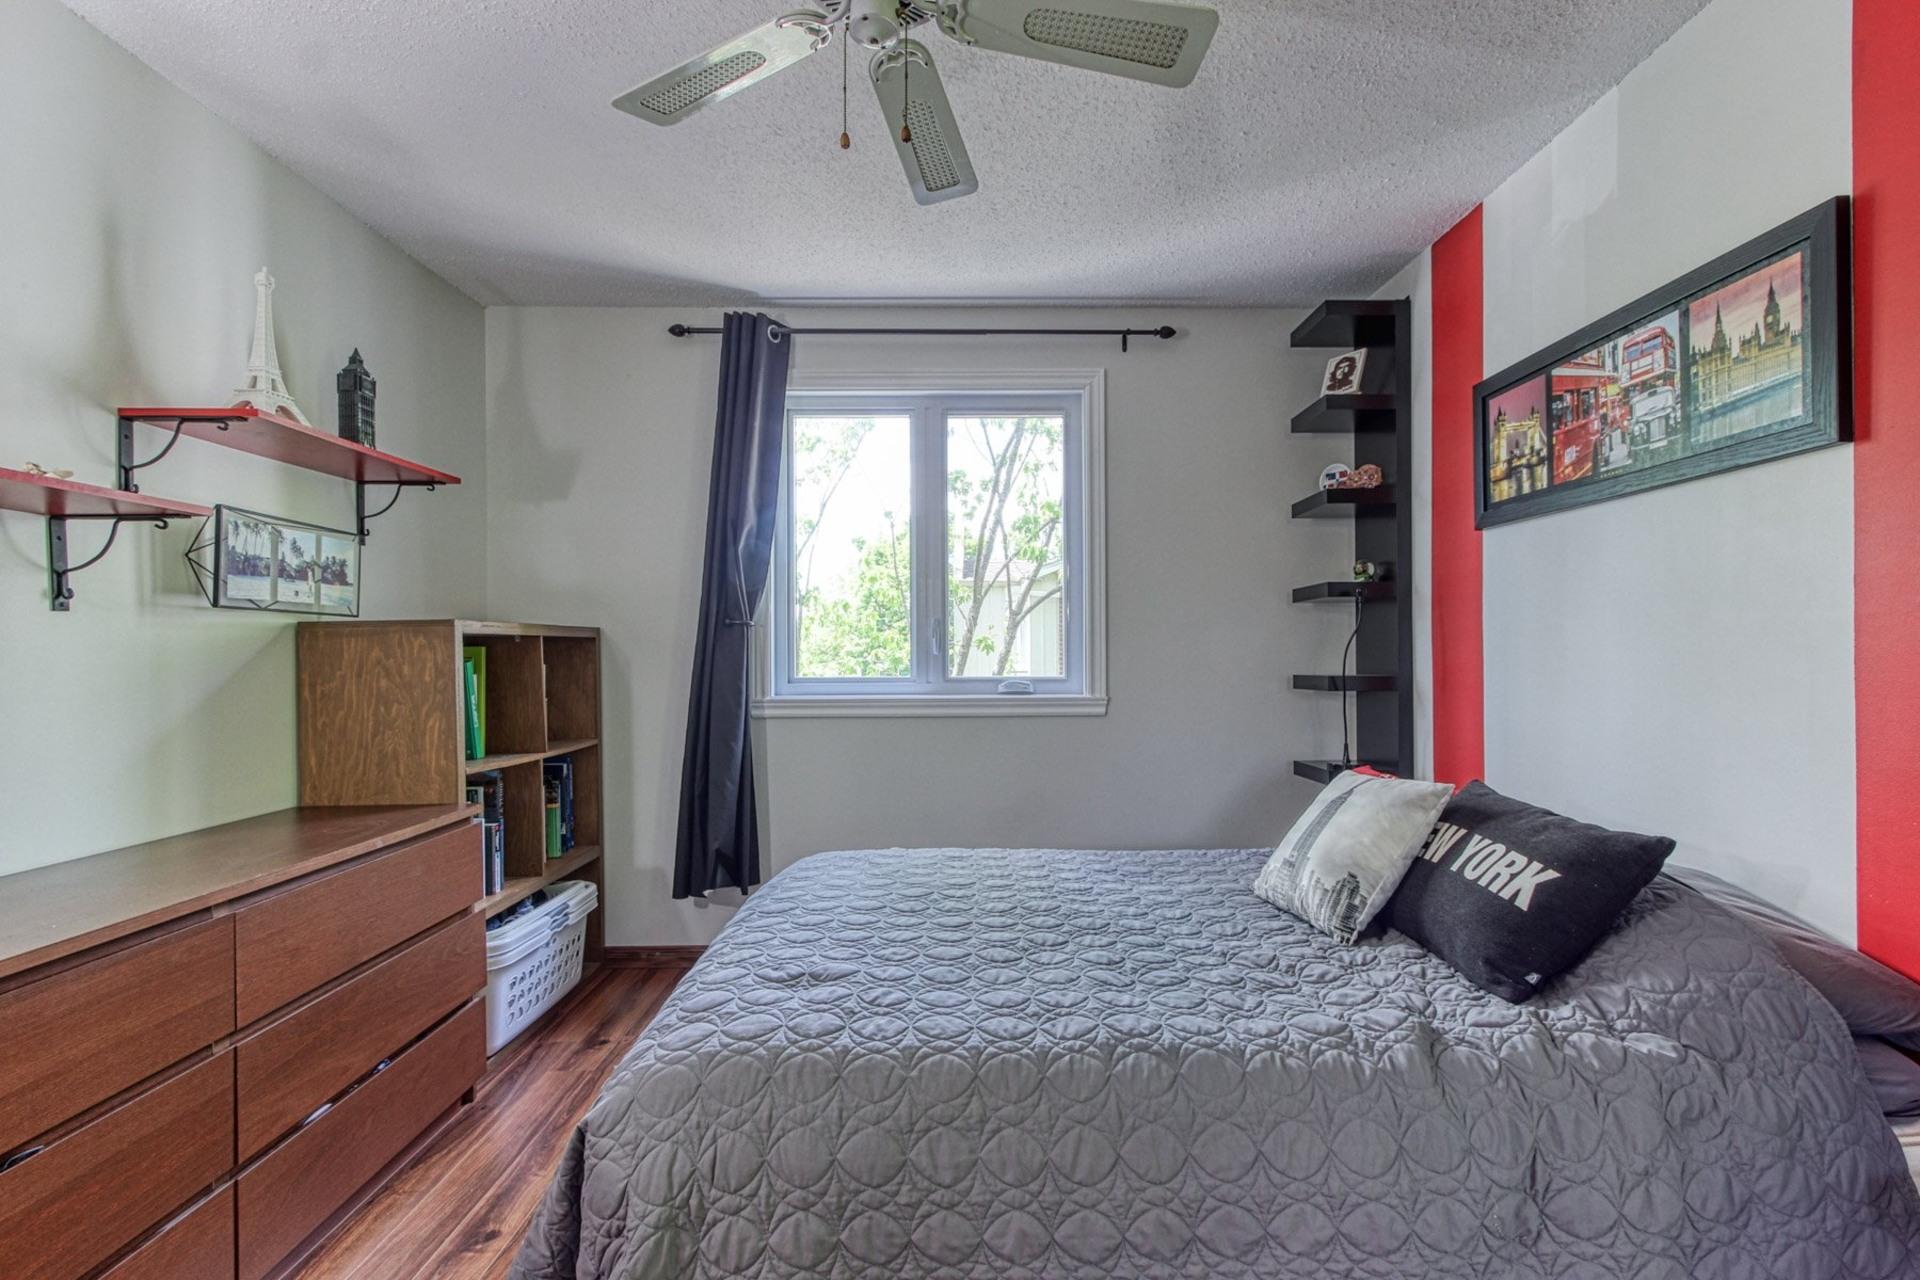 image 12 - Apartment For sale Trois-Rivières - 8 rooms